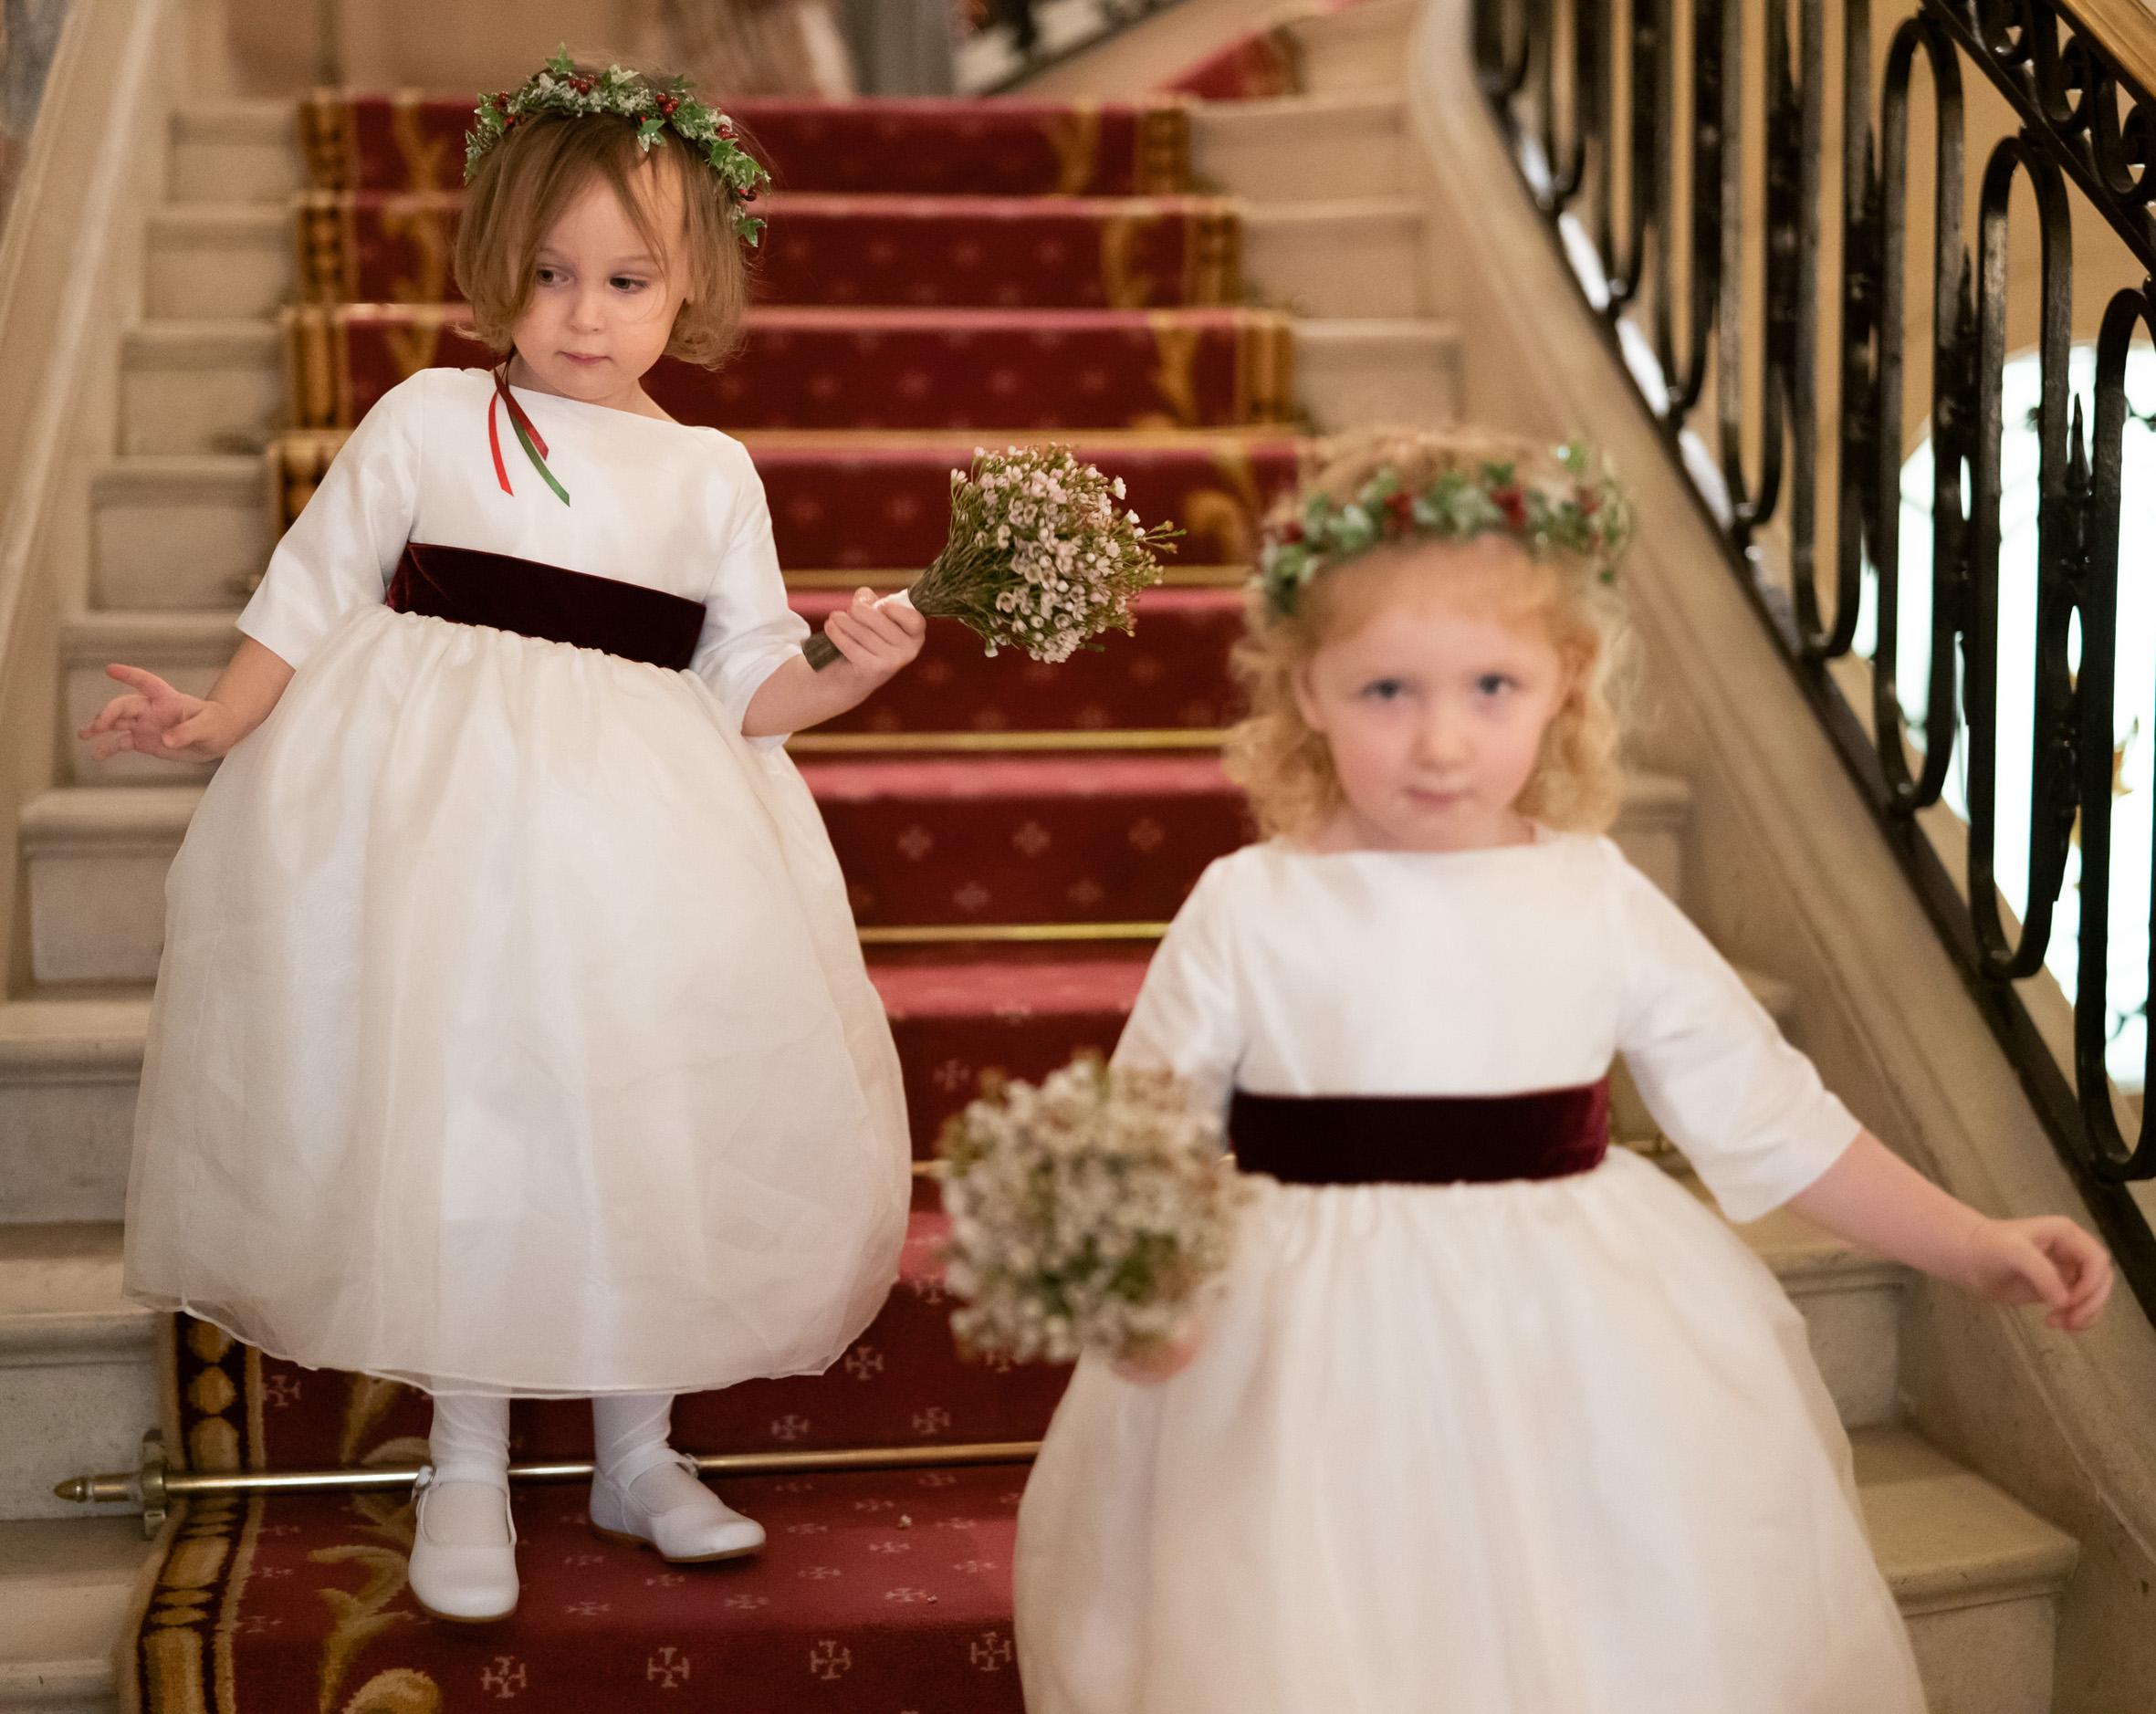 White and burgundy velvet flower girl dresses for winter weddings by French designer Little Eglantine